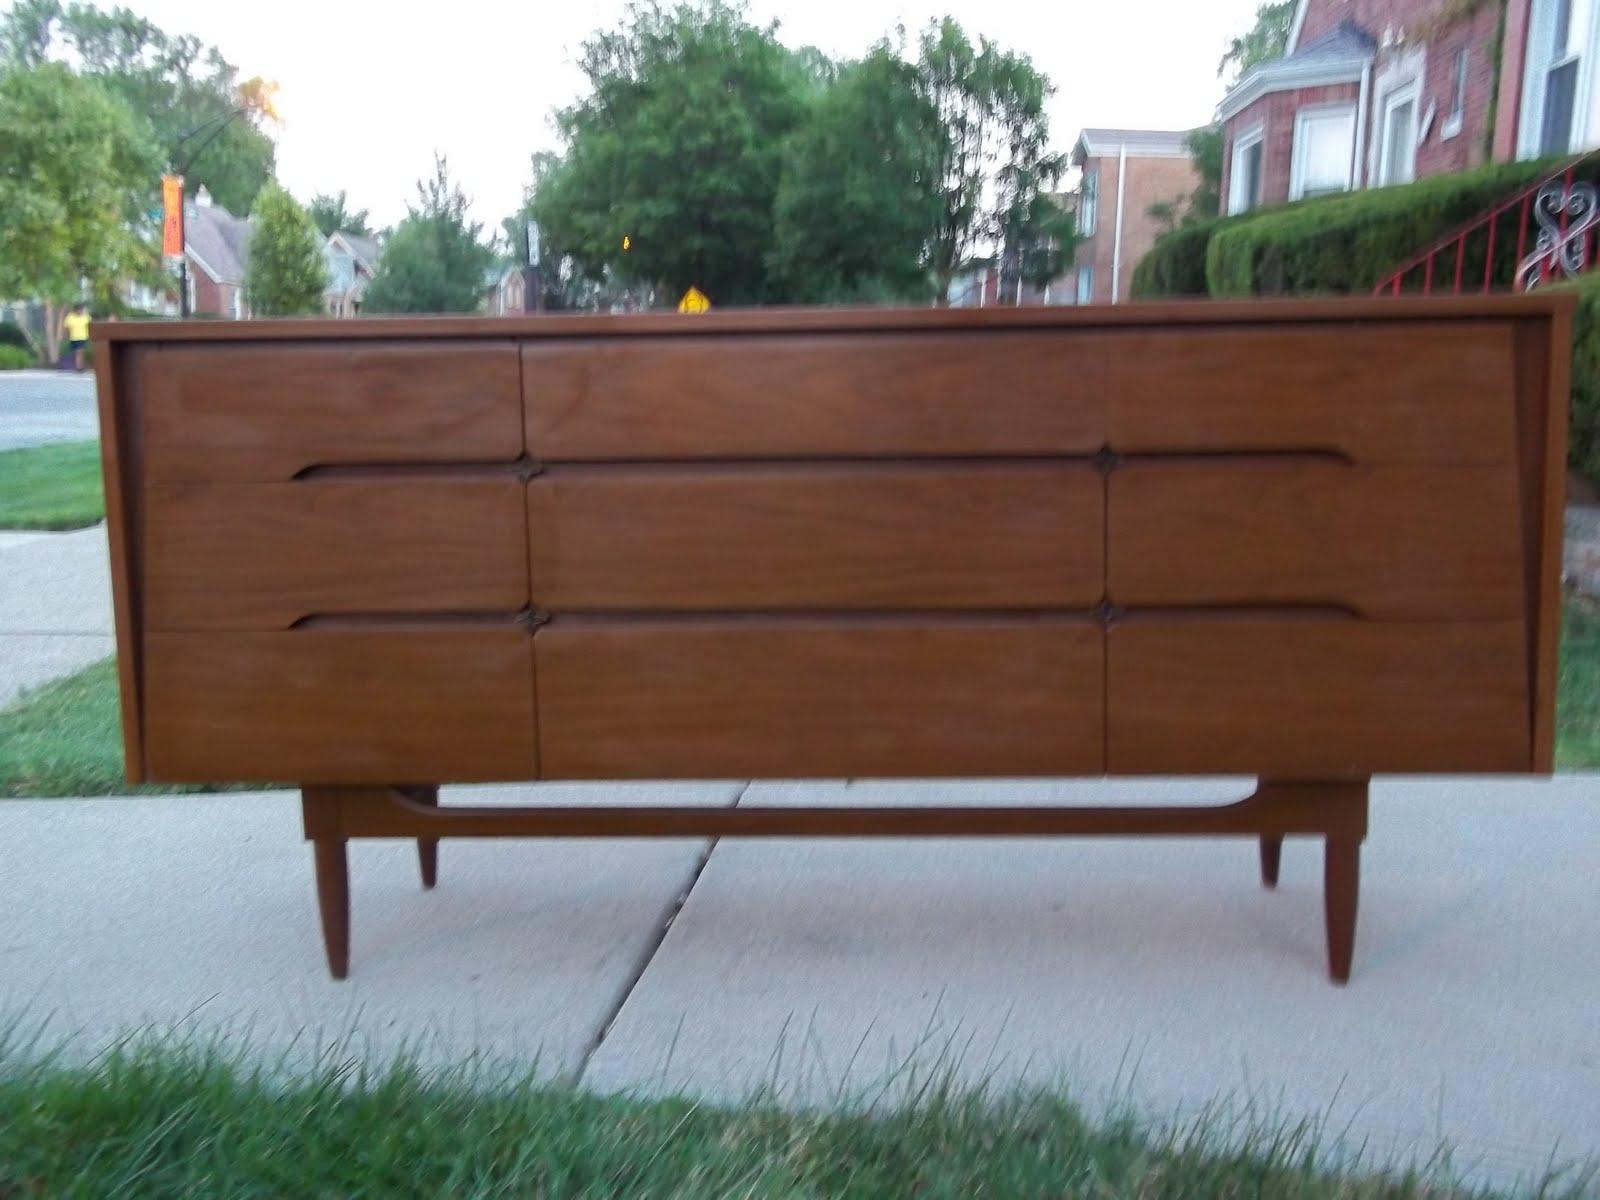 Kroehler Bedroom Furniture Watch More Like Kroehler